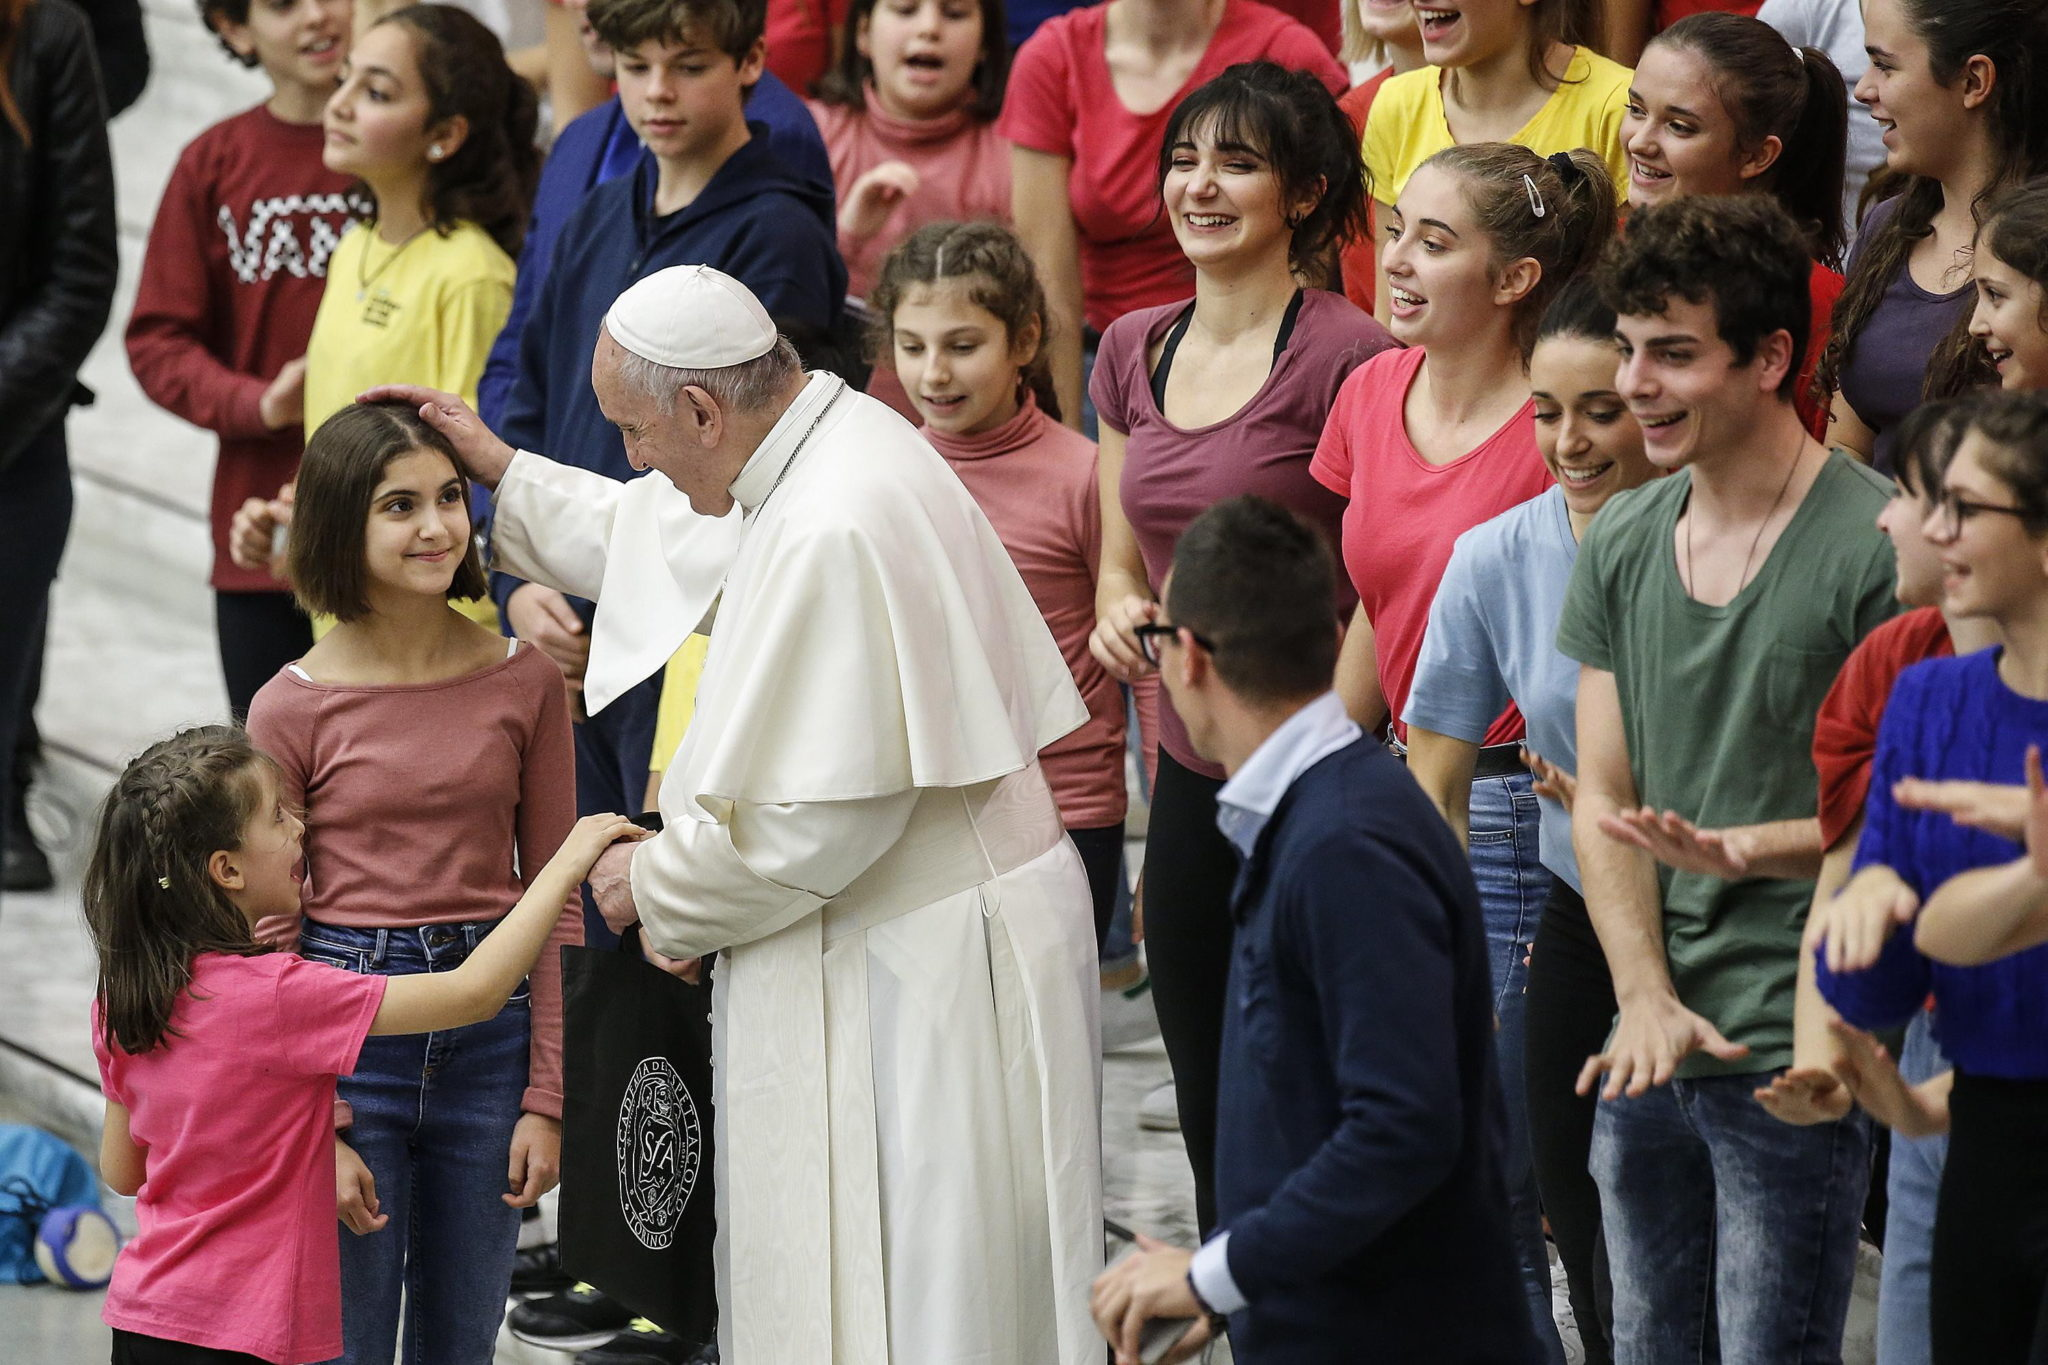 papiez franciszek przyjął podczas audiencji grupę dzieci, do których mówił o ekologii. fot. EPA/FABIO FRUSTACI